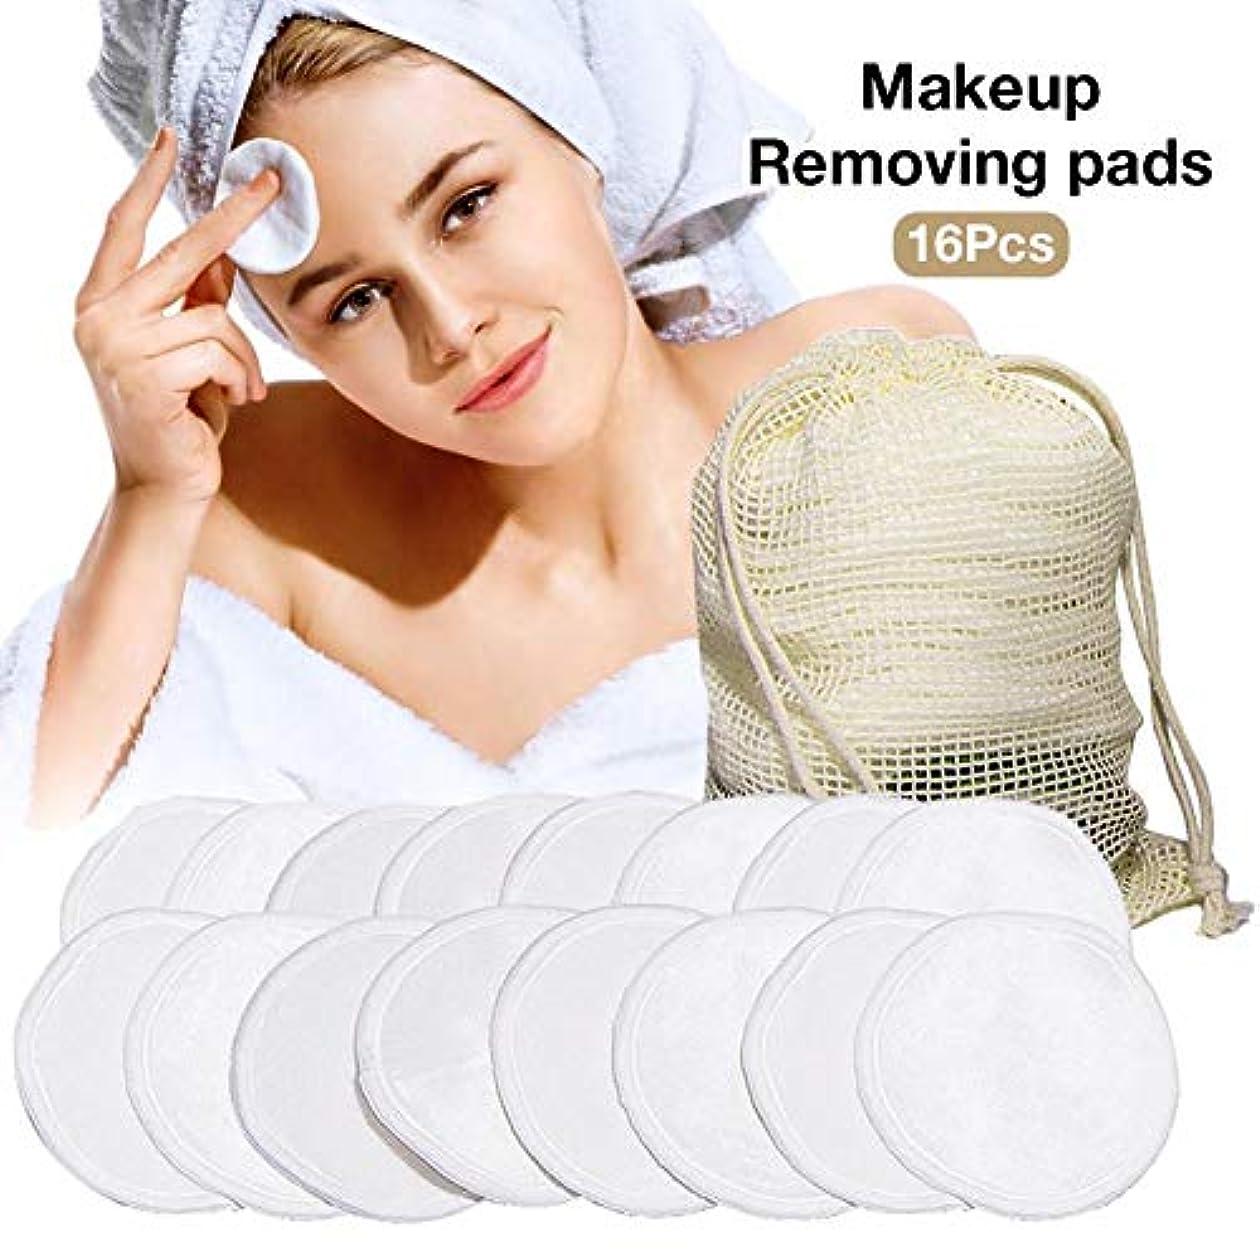 セミナー聴覚障害者後Allrightip コットンパッド、再利用可能なメイクアップパッド、ランドリーバッグが付いている16の再利用可能なコットンパッドのパック、洗えるメイクアップリムーバーコットンパッドすべての肌タイプのエコフレンドリーな顔布 for